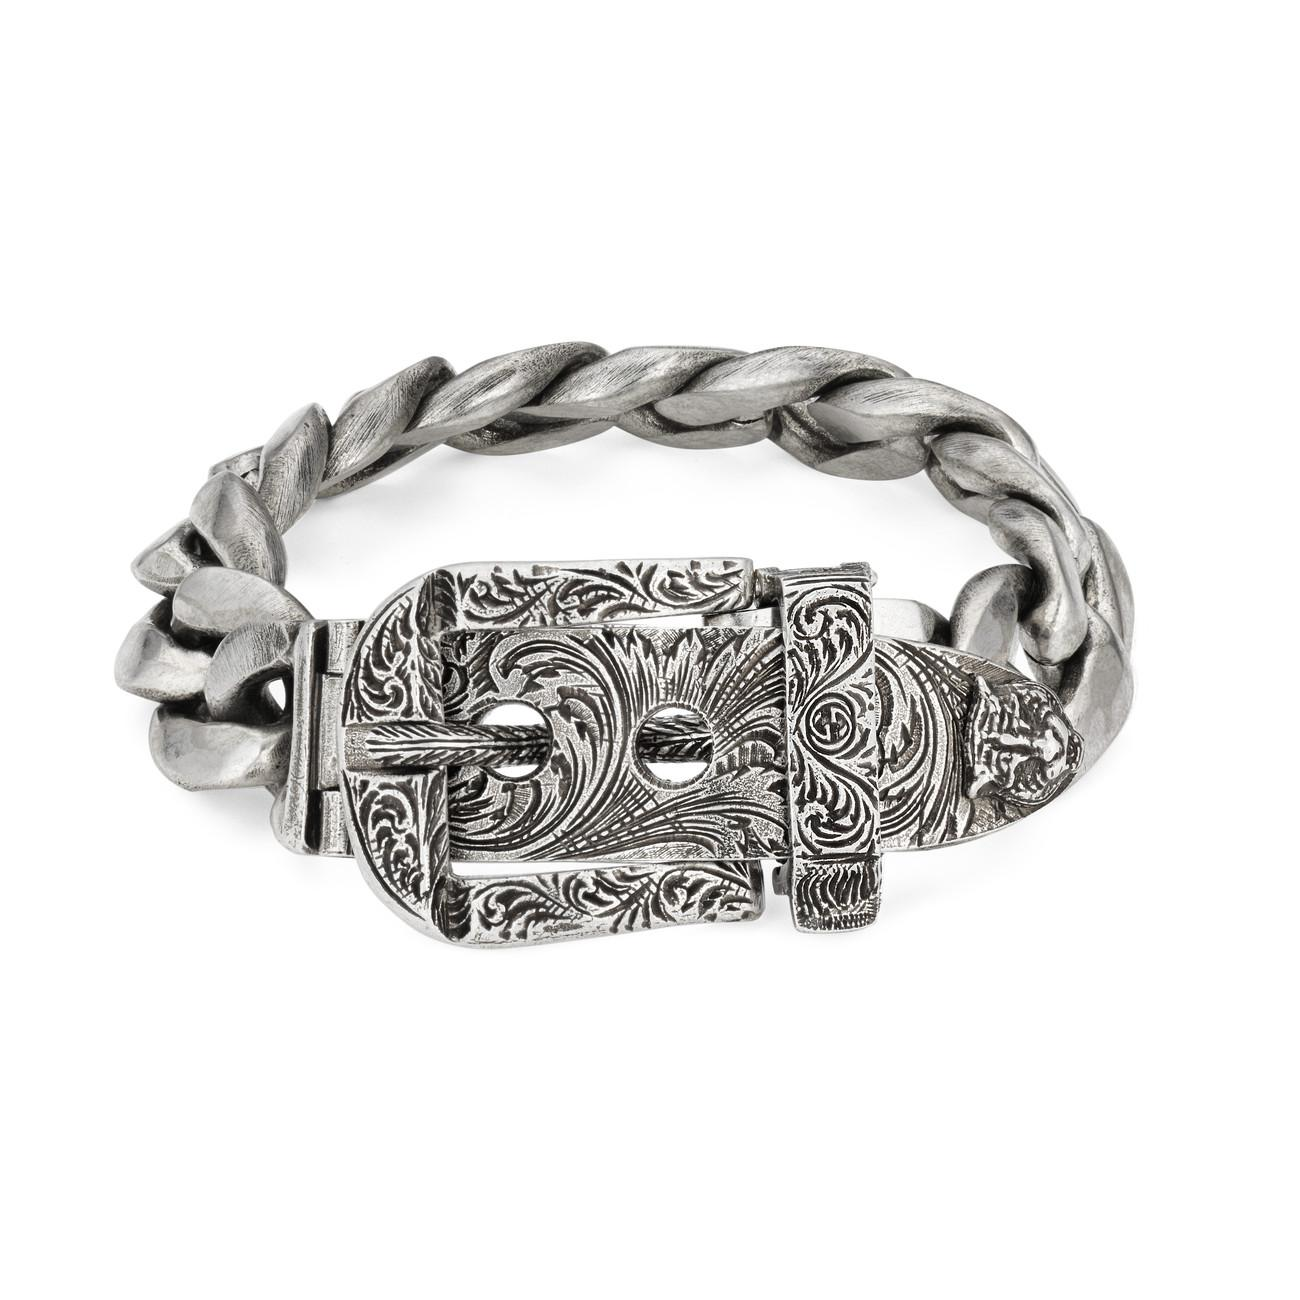 57b4c060e Lyst - Gucci Garden Bracelet In Silver in Metallic for Men